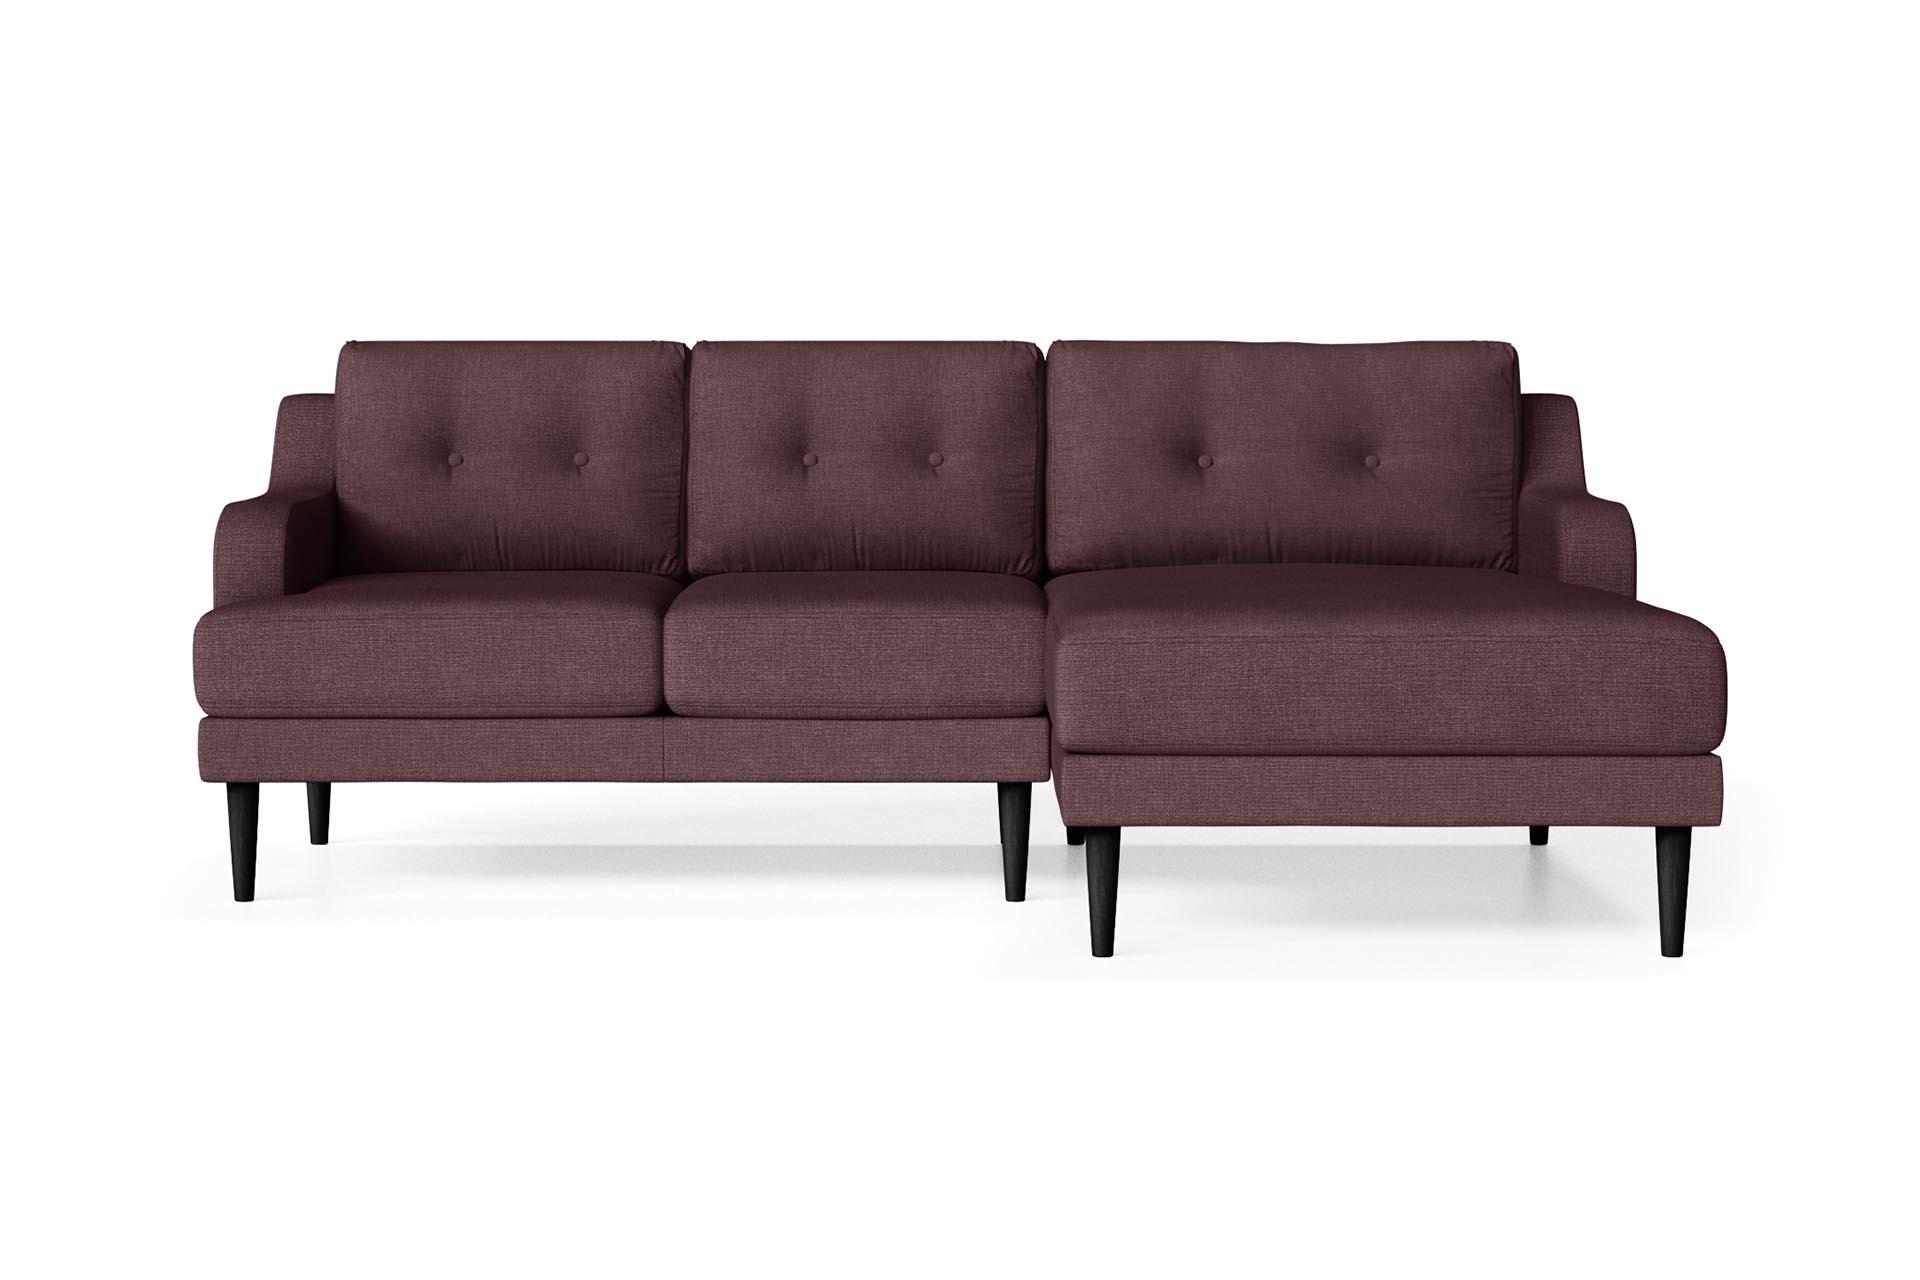 Canapé d'angle droit 4 places toucher lin prune